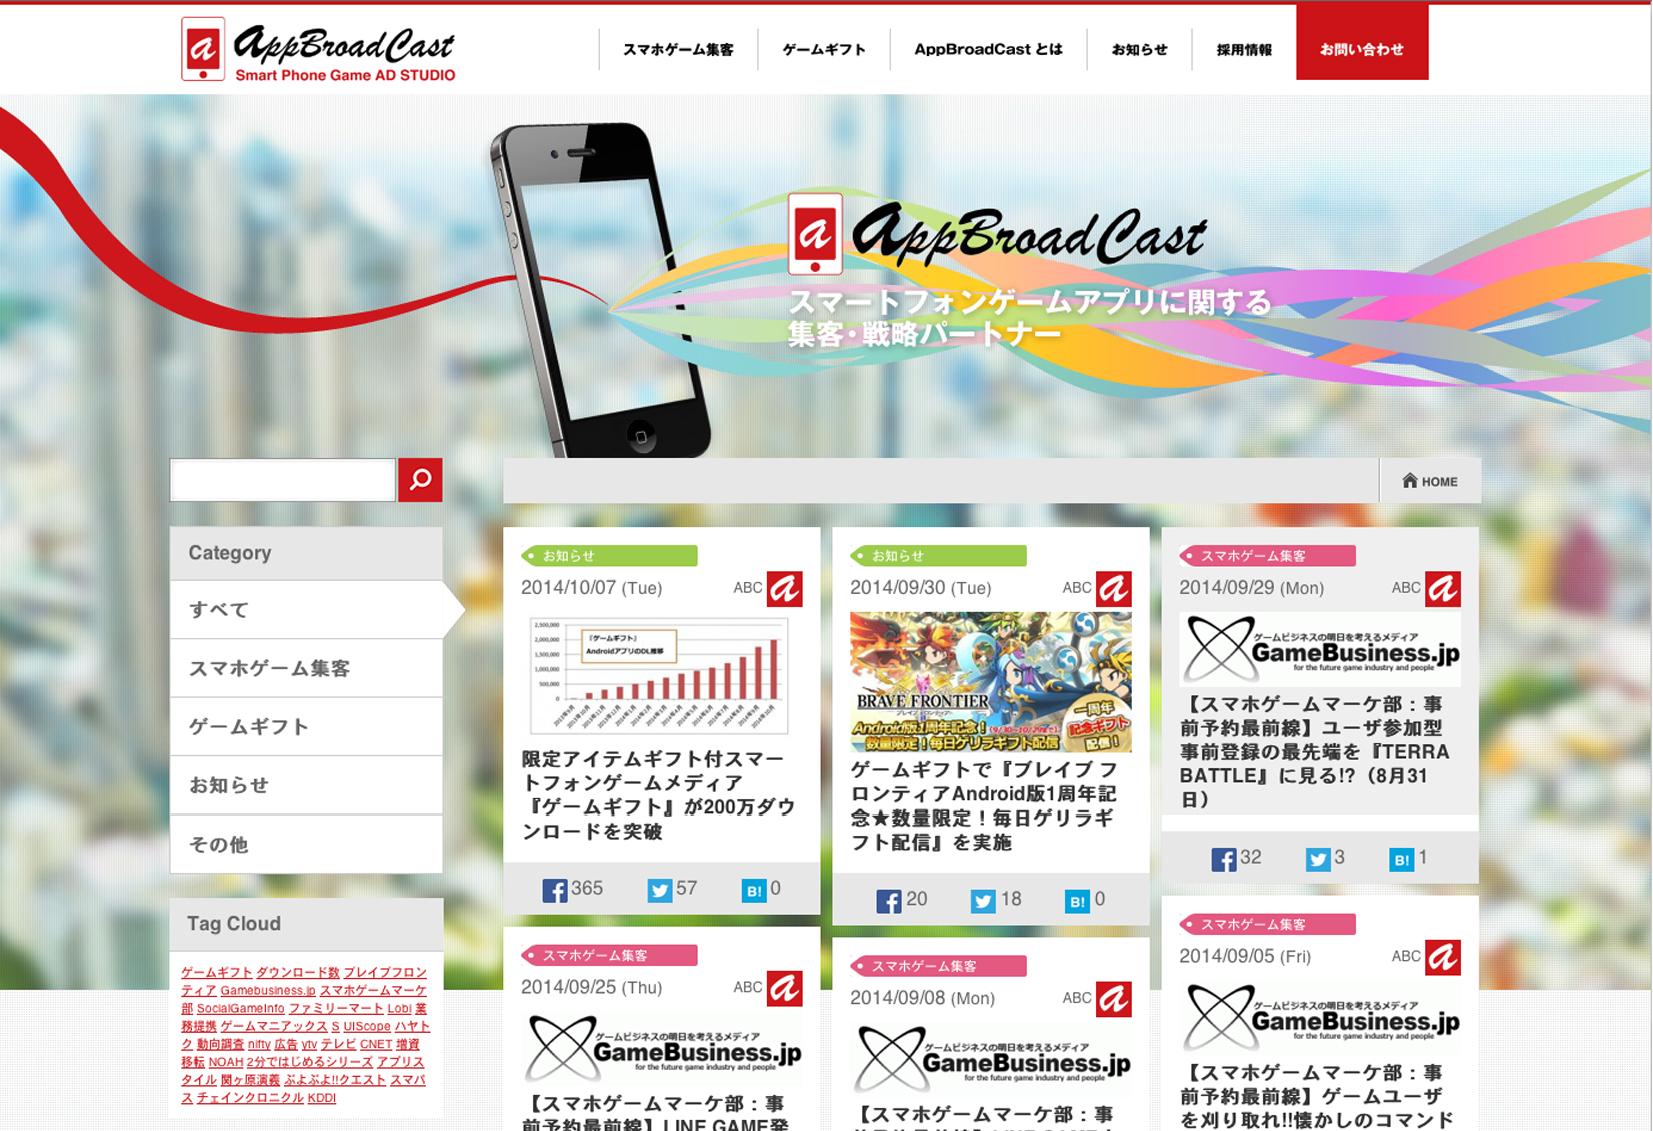 wo-AppBroadCast